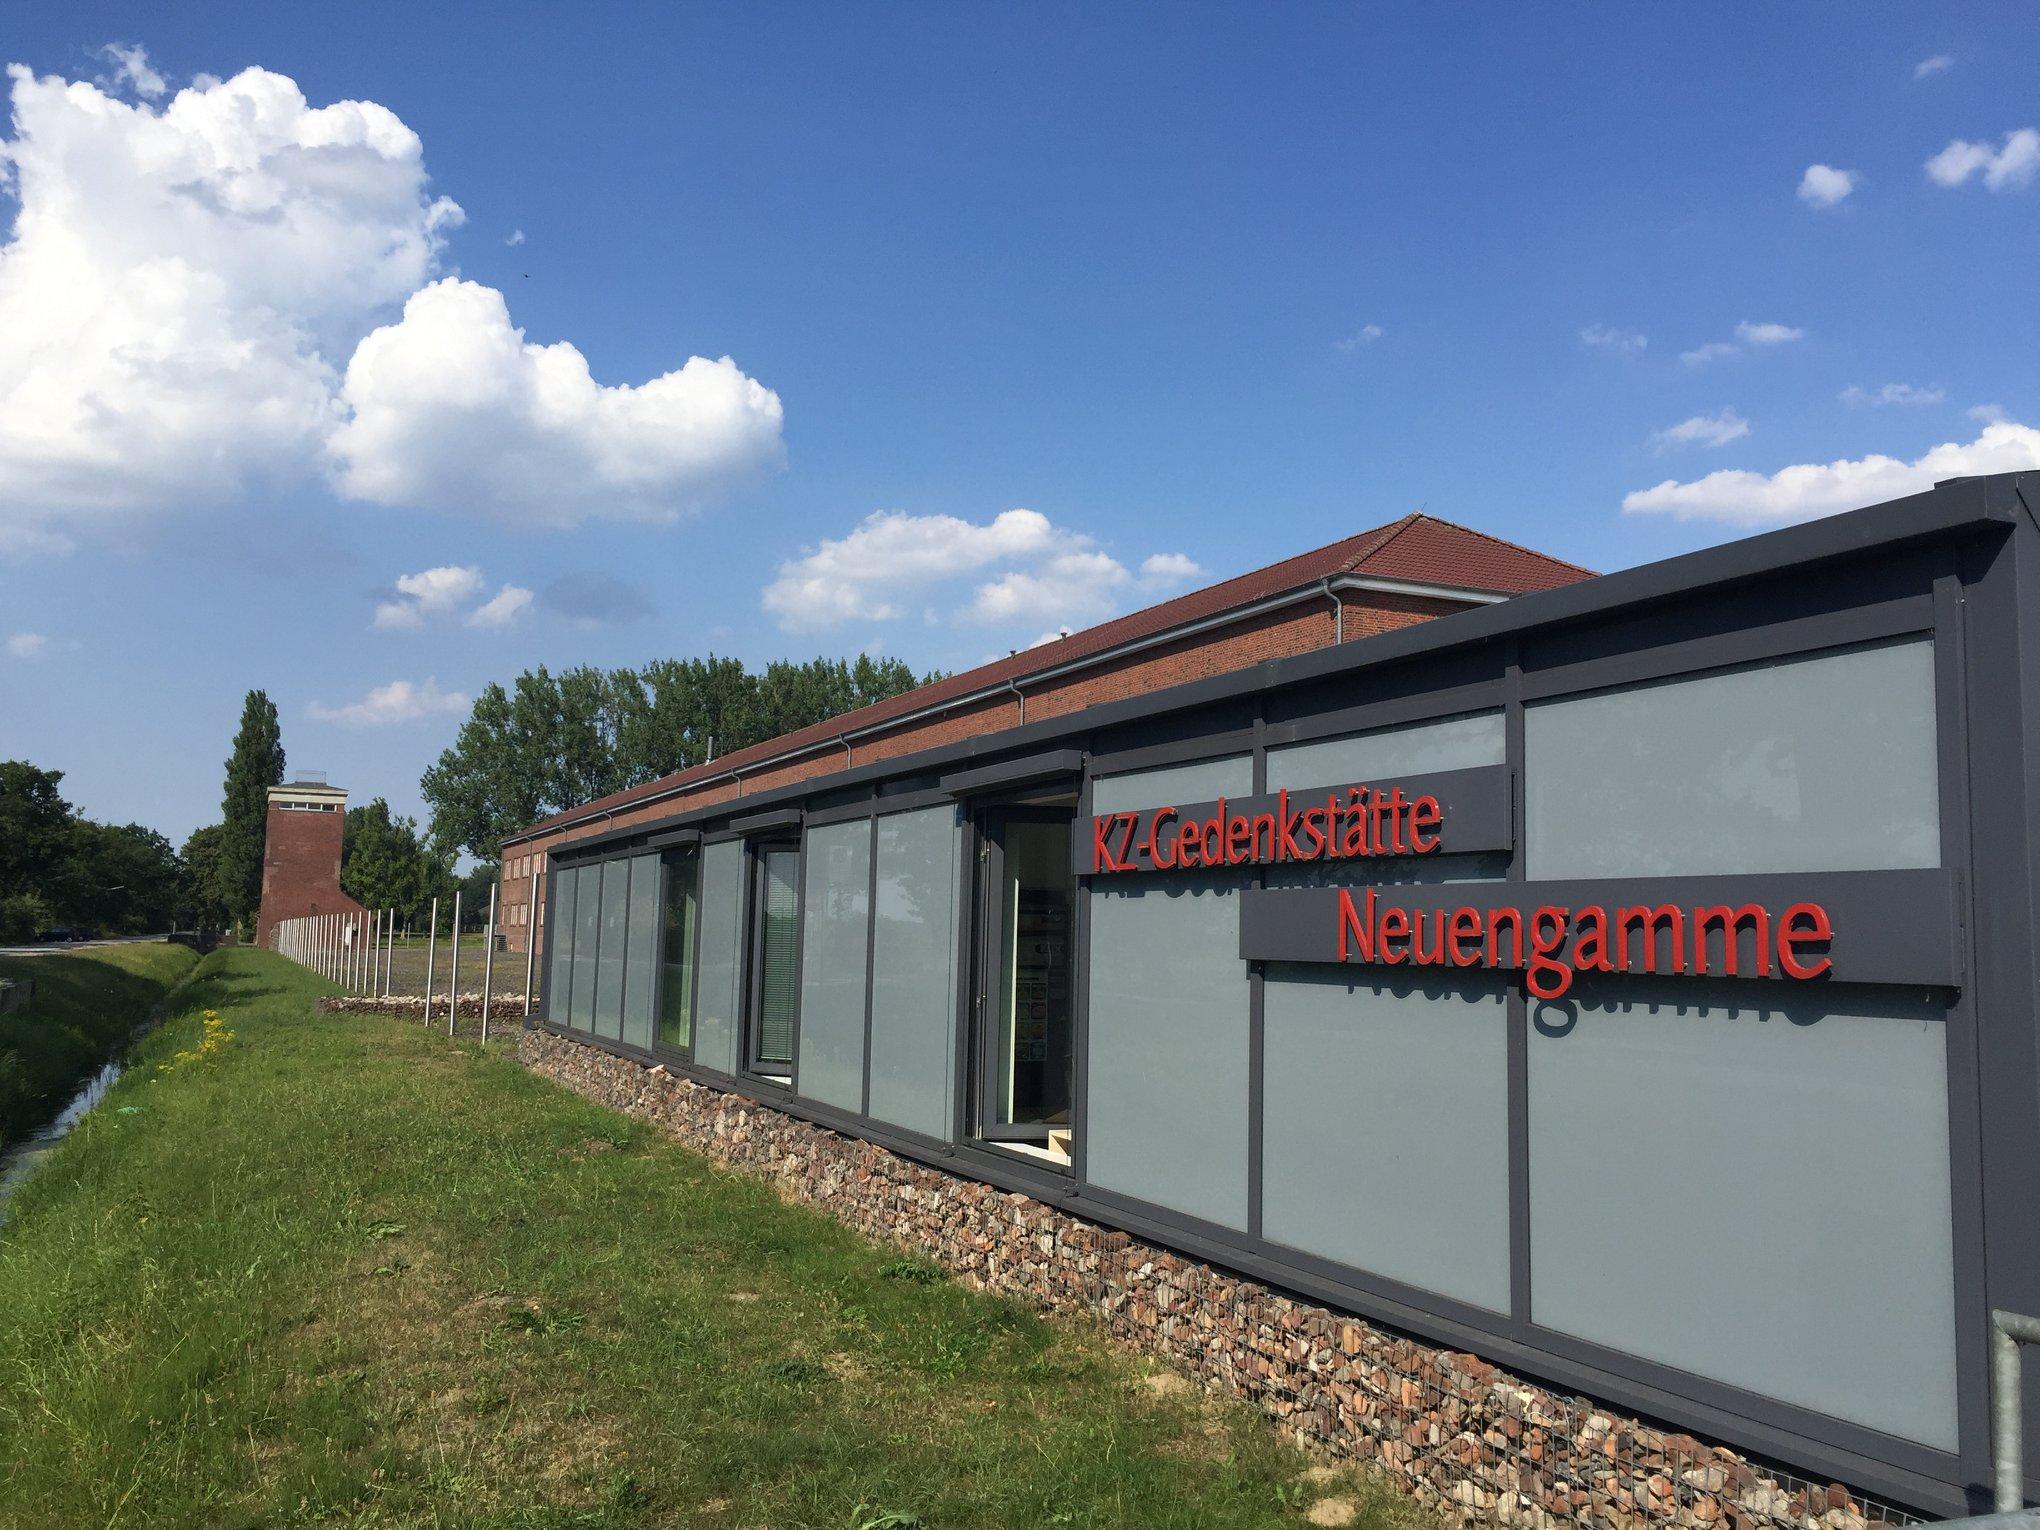 Die KZ Gedenkstätte Neuengammeberichtet immer mittwochs.